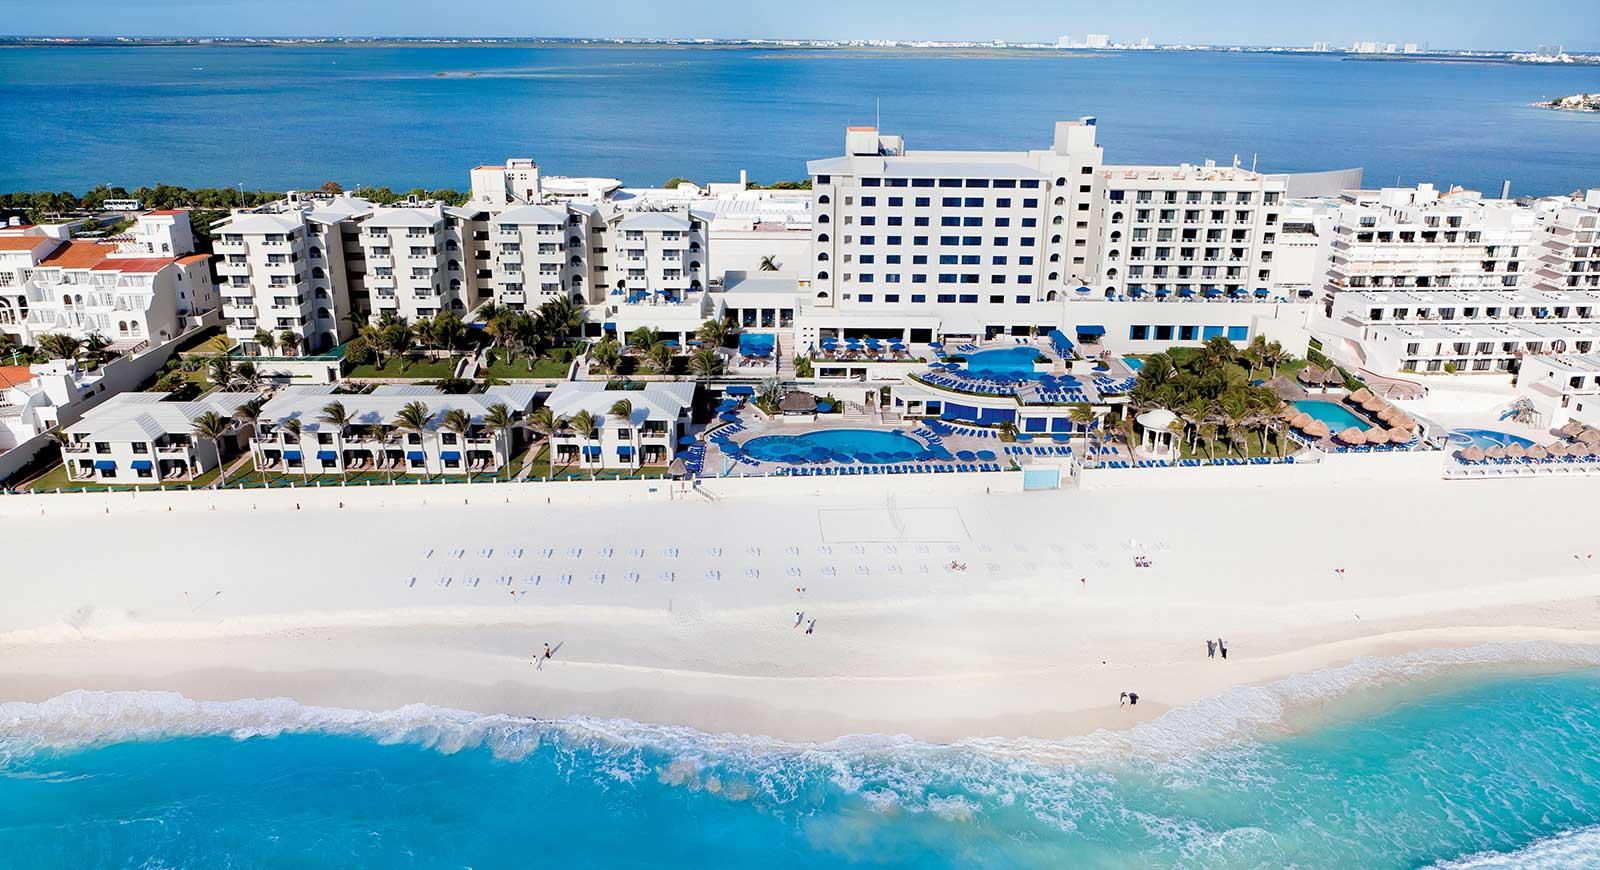 245-views-hotel-barcelo-tucancun-beach_tcm21-32806